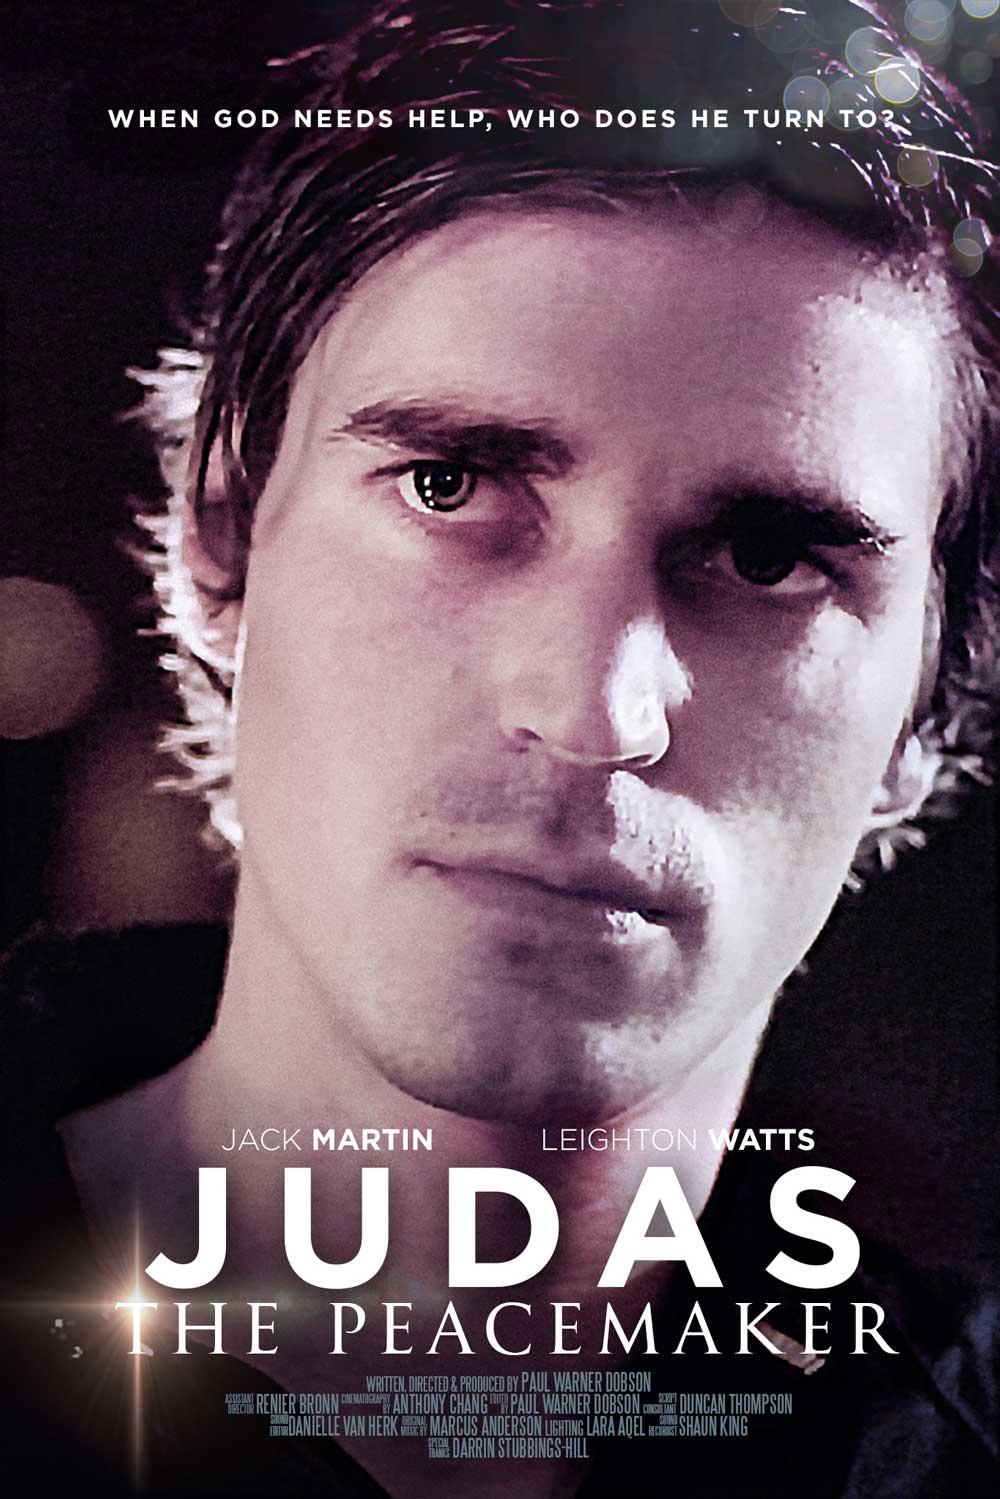 Judas-the-Peacmaker-Poster_26Aug17-copy